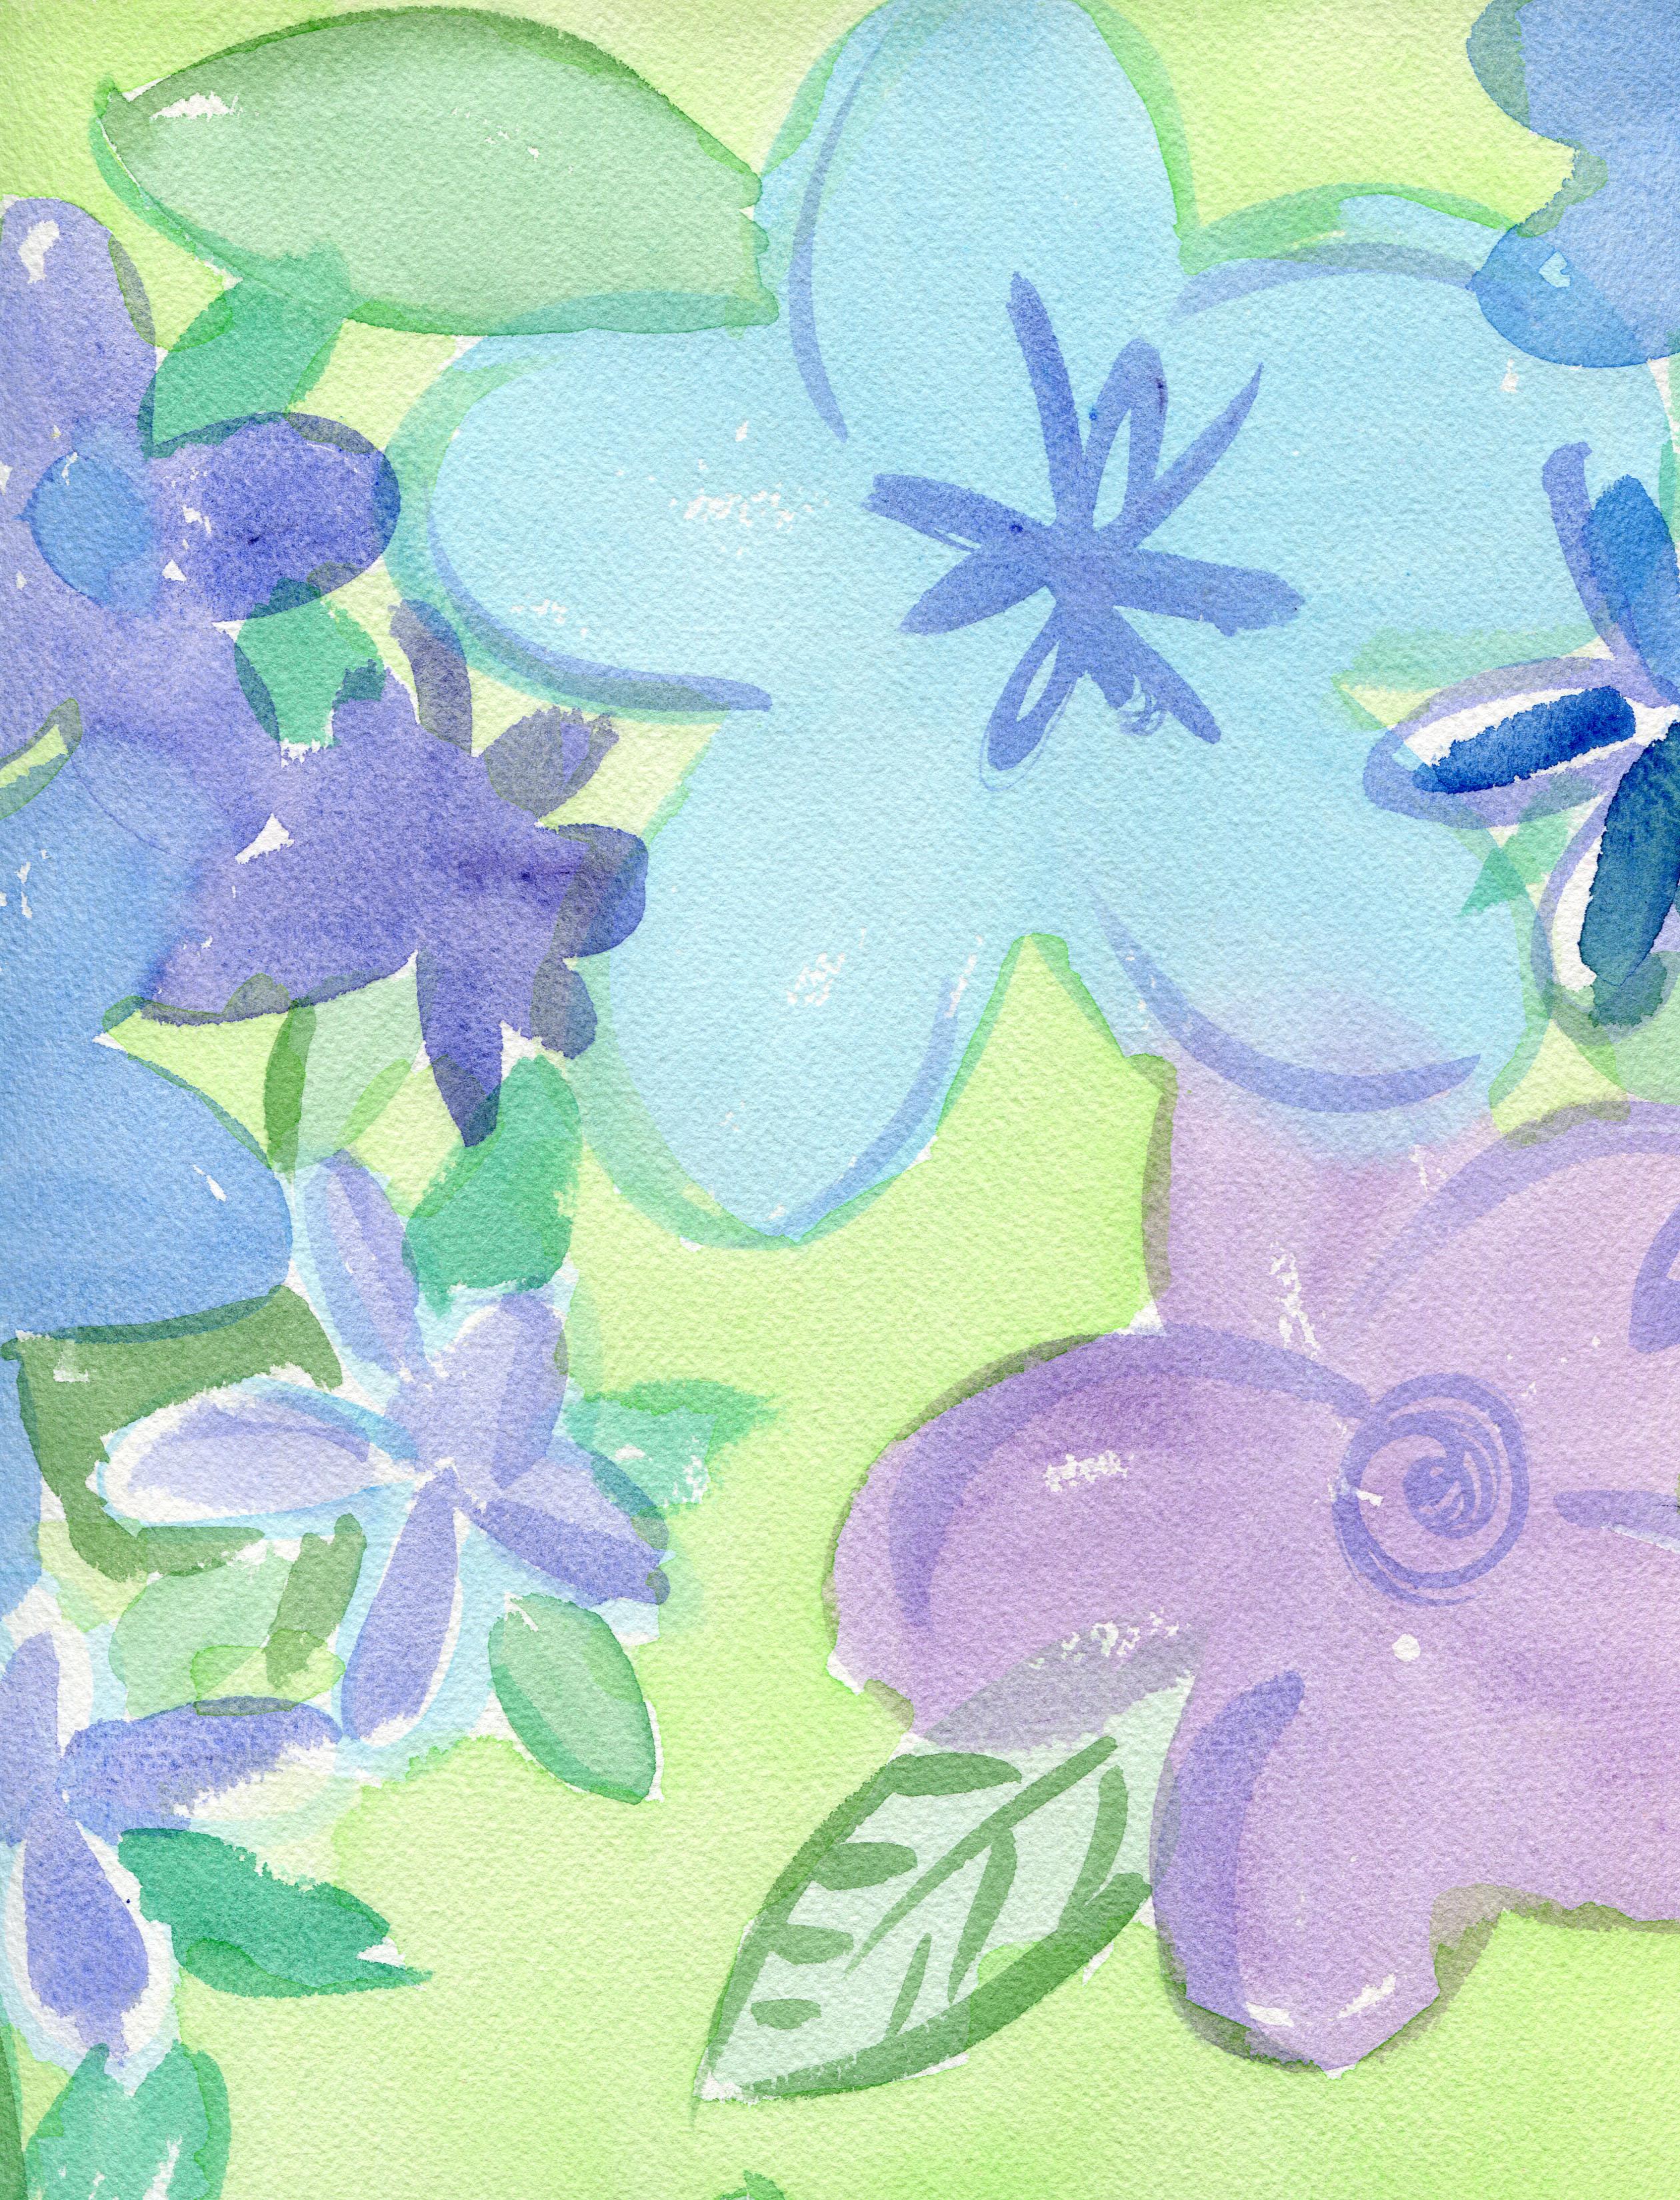 1d78 floral